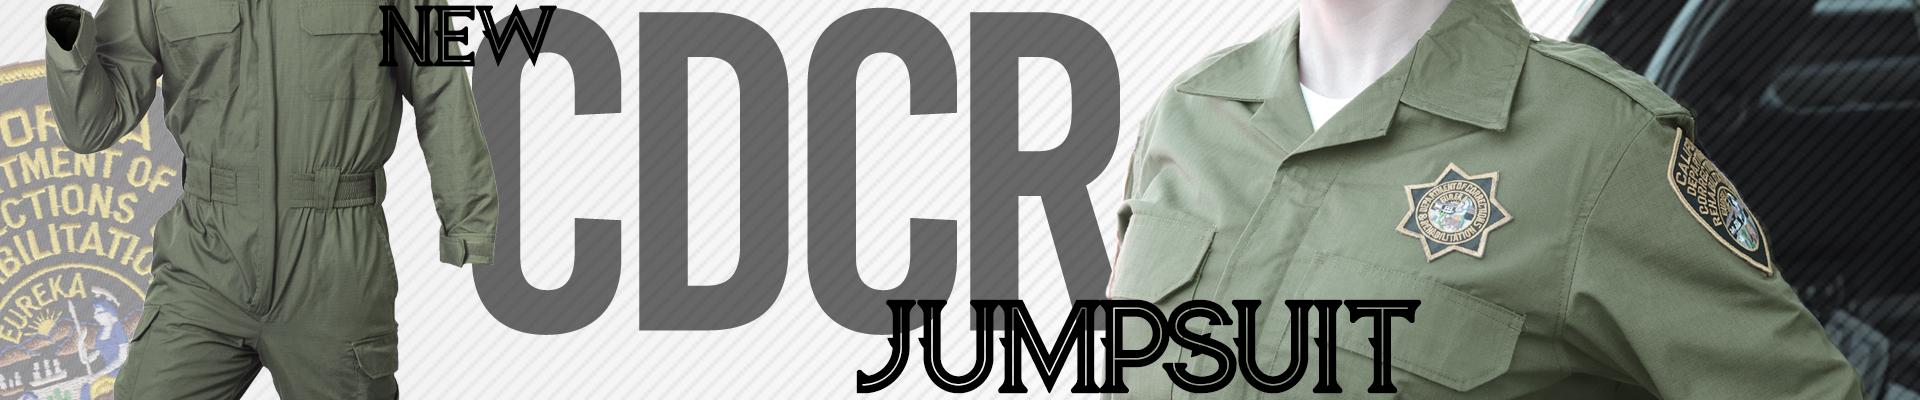 cdcr-banner2.jpg